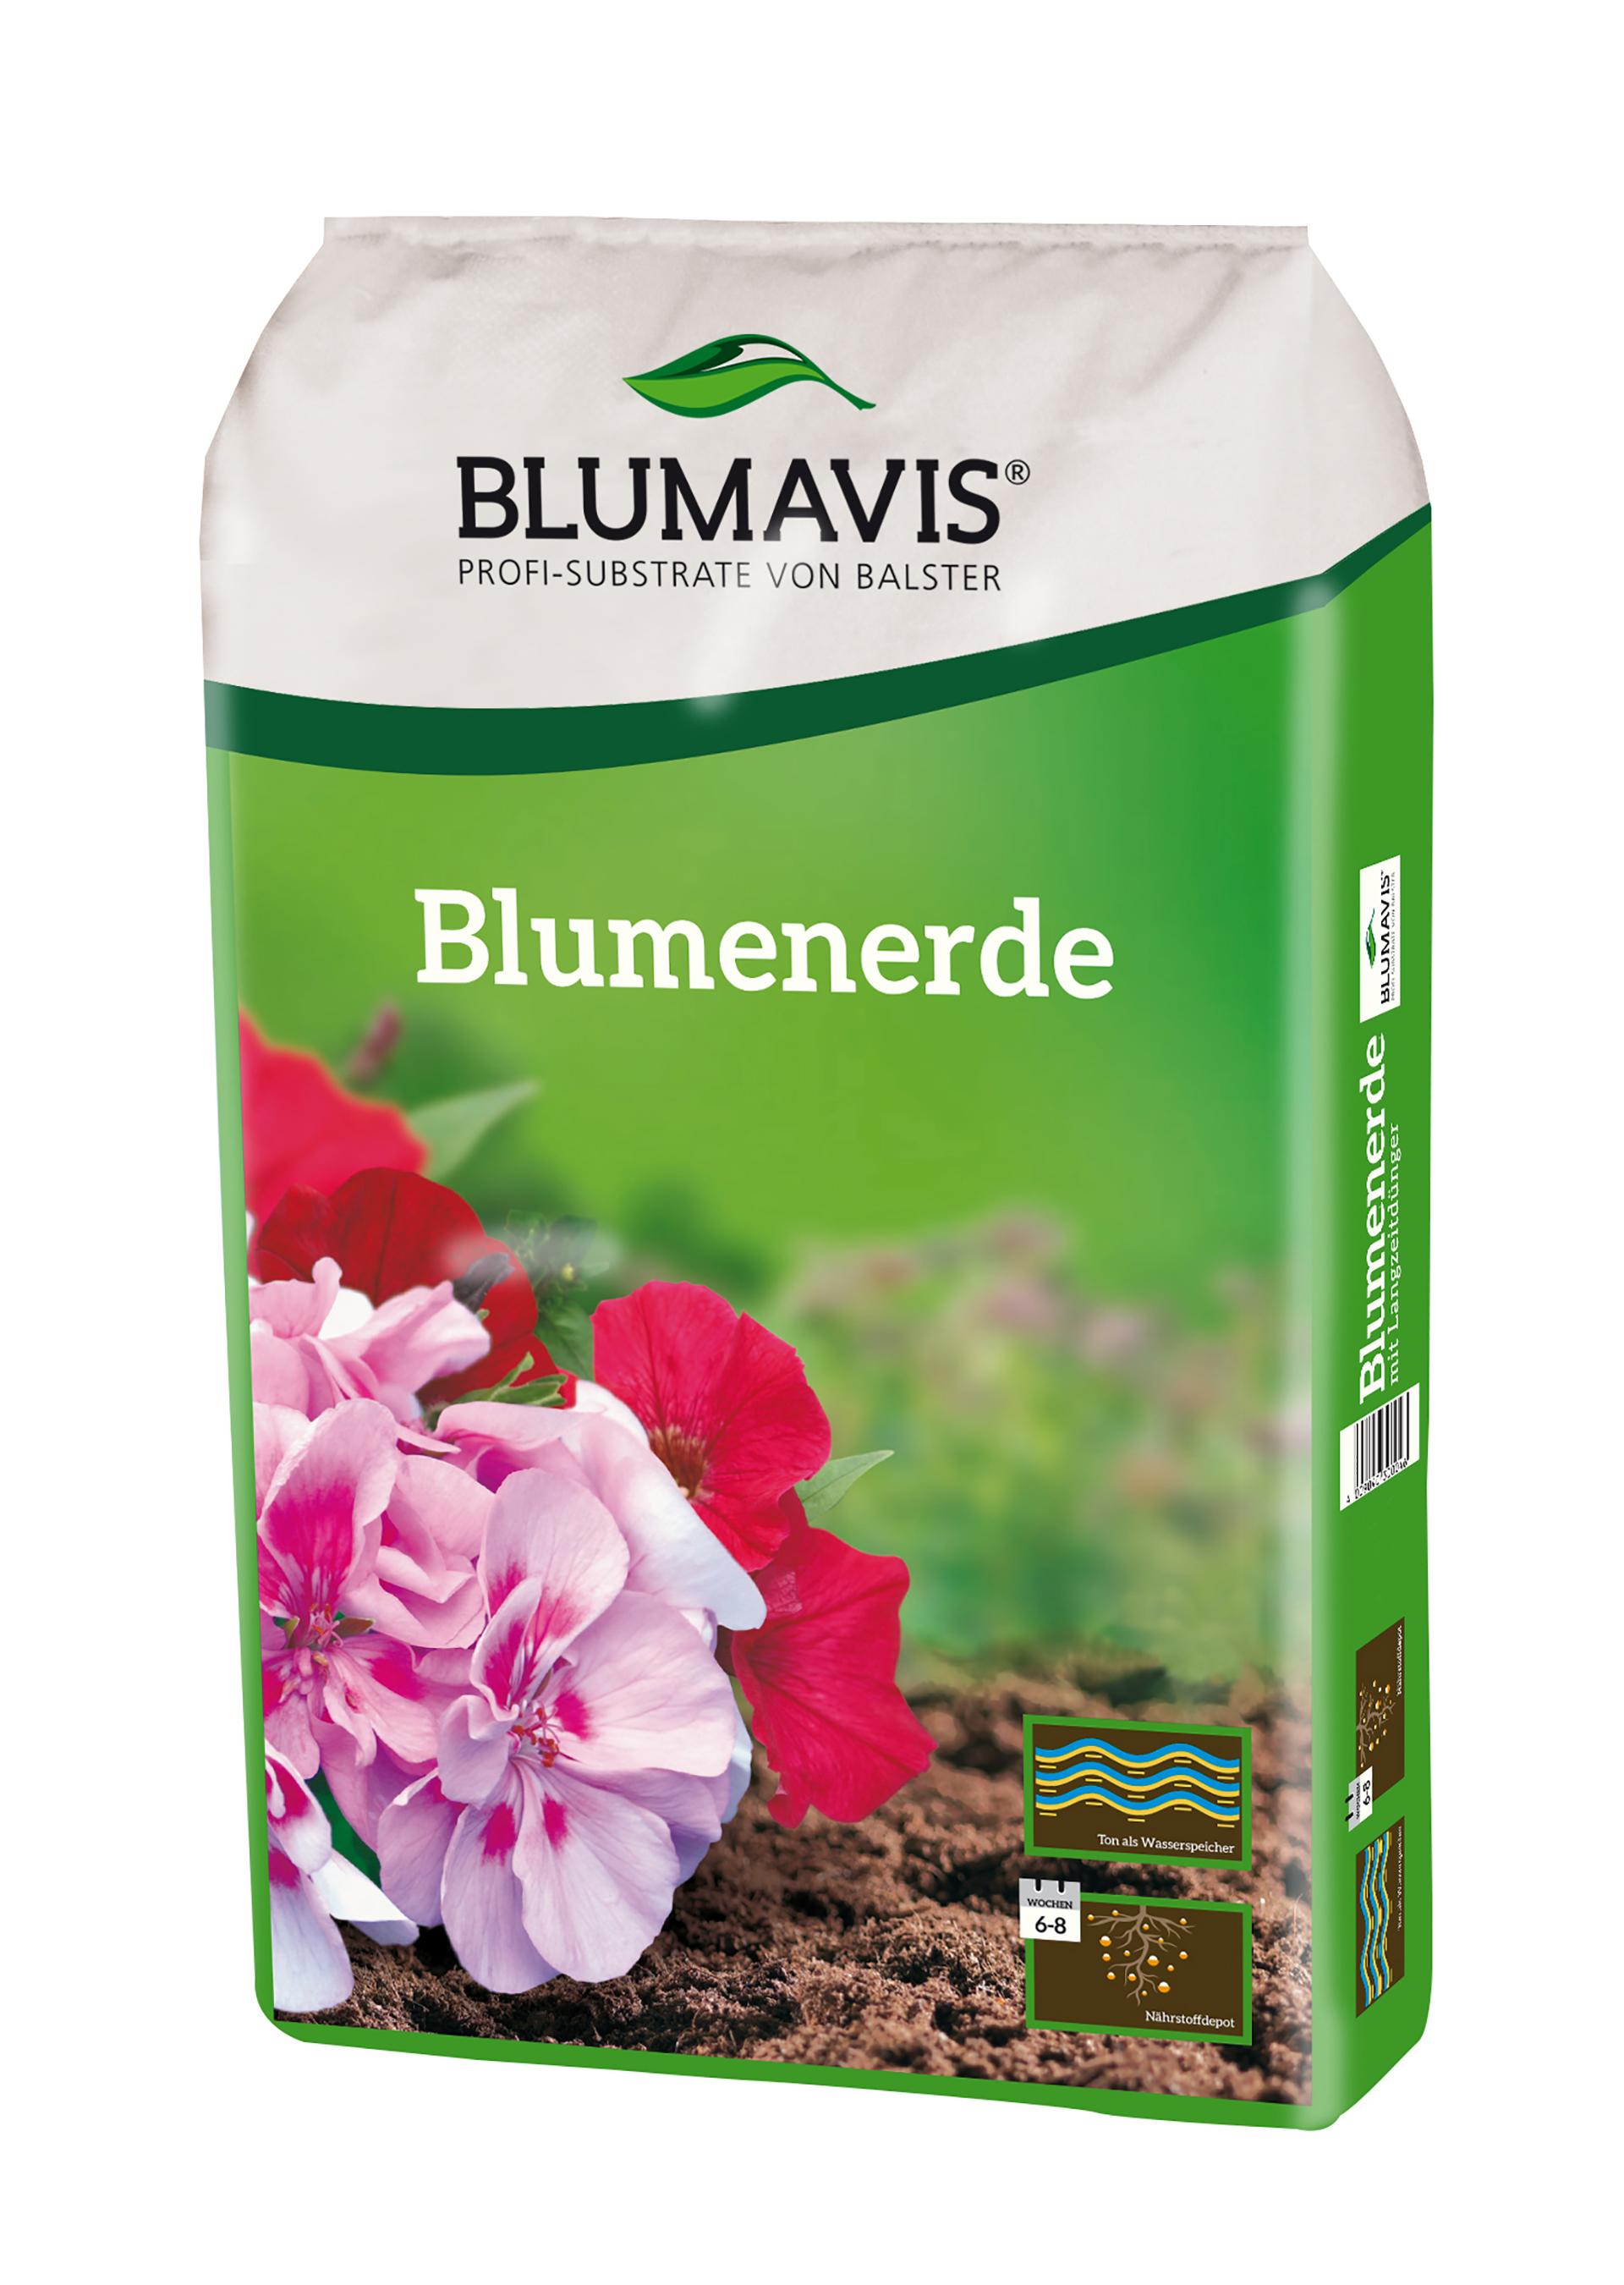 Blumavis Blumenerde 60l